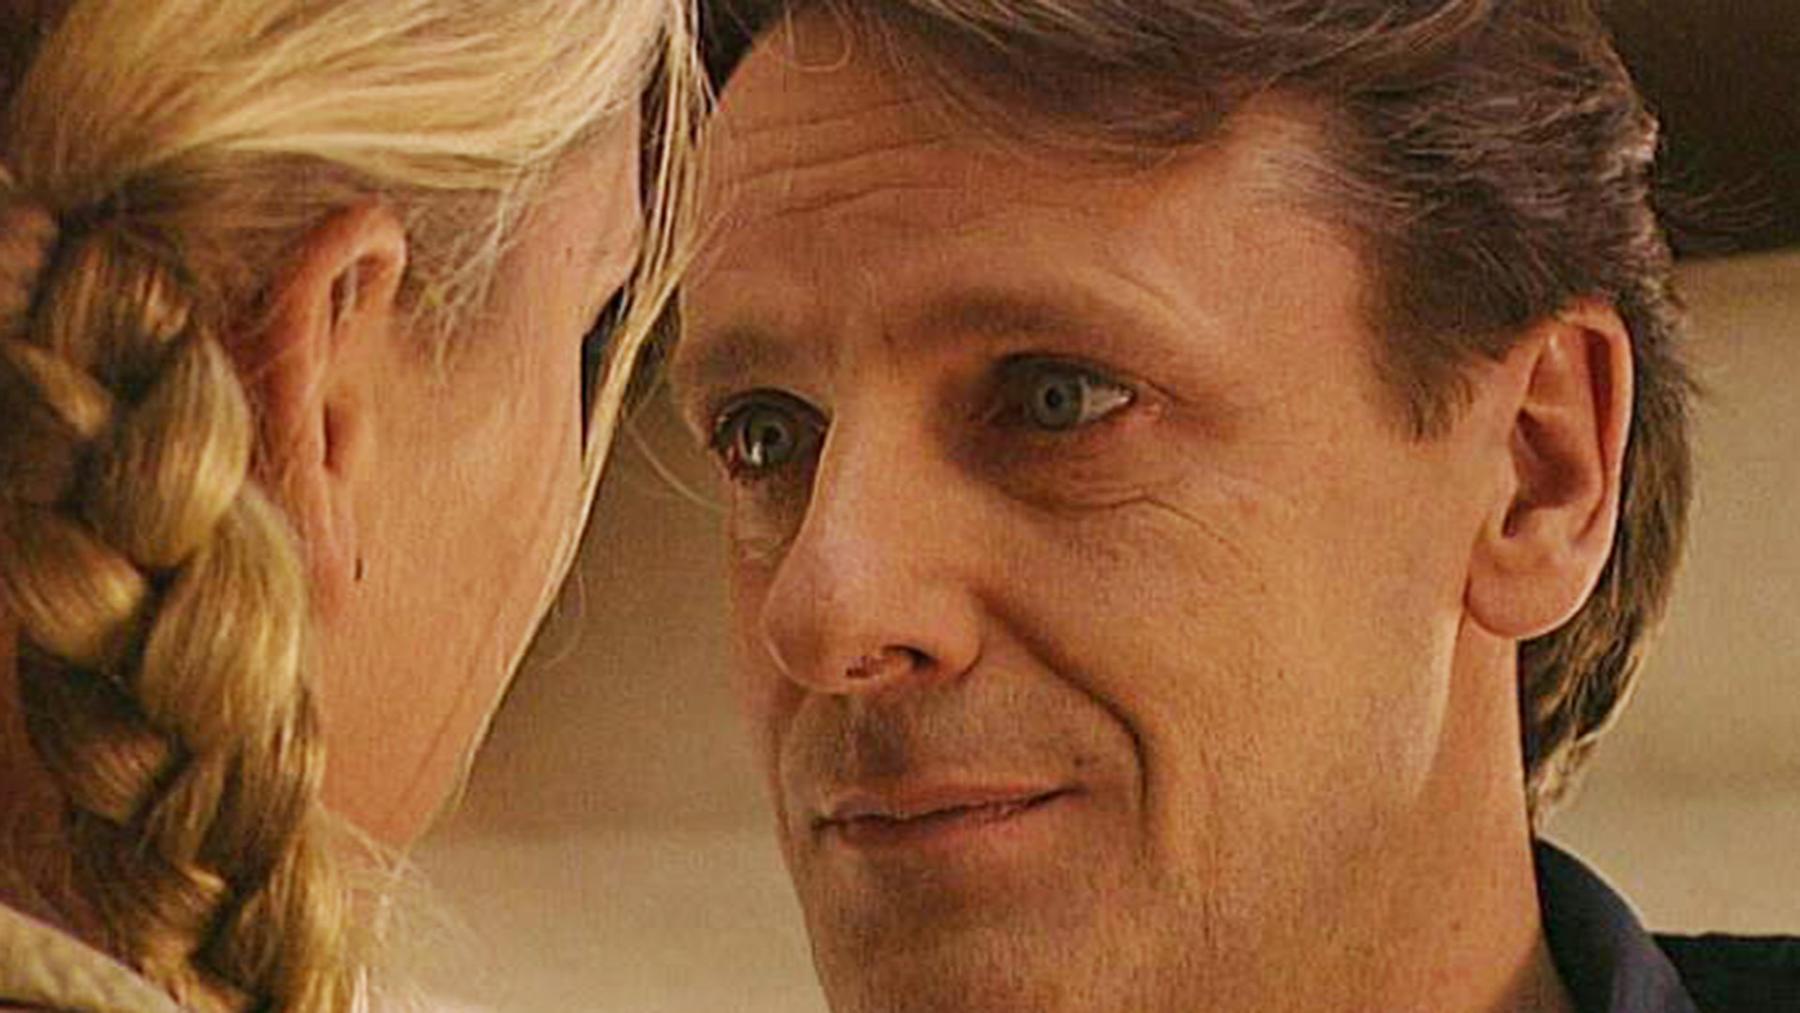 Marc erfährt, wer Joachim ins Gefängnis gebracht hat.